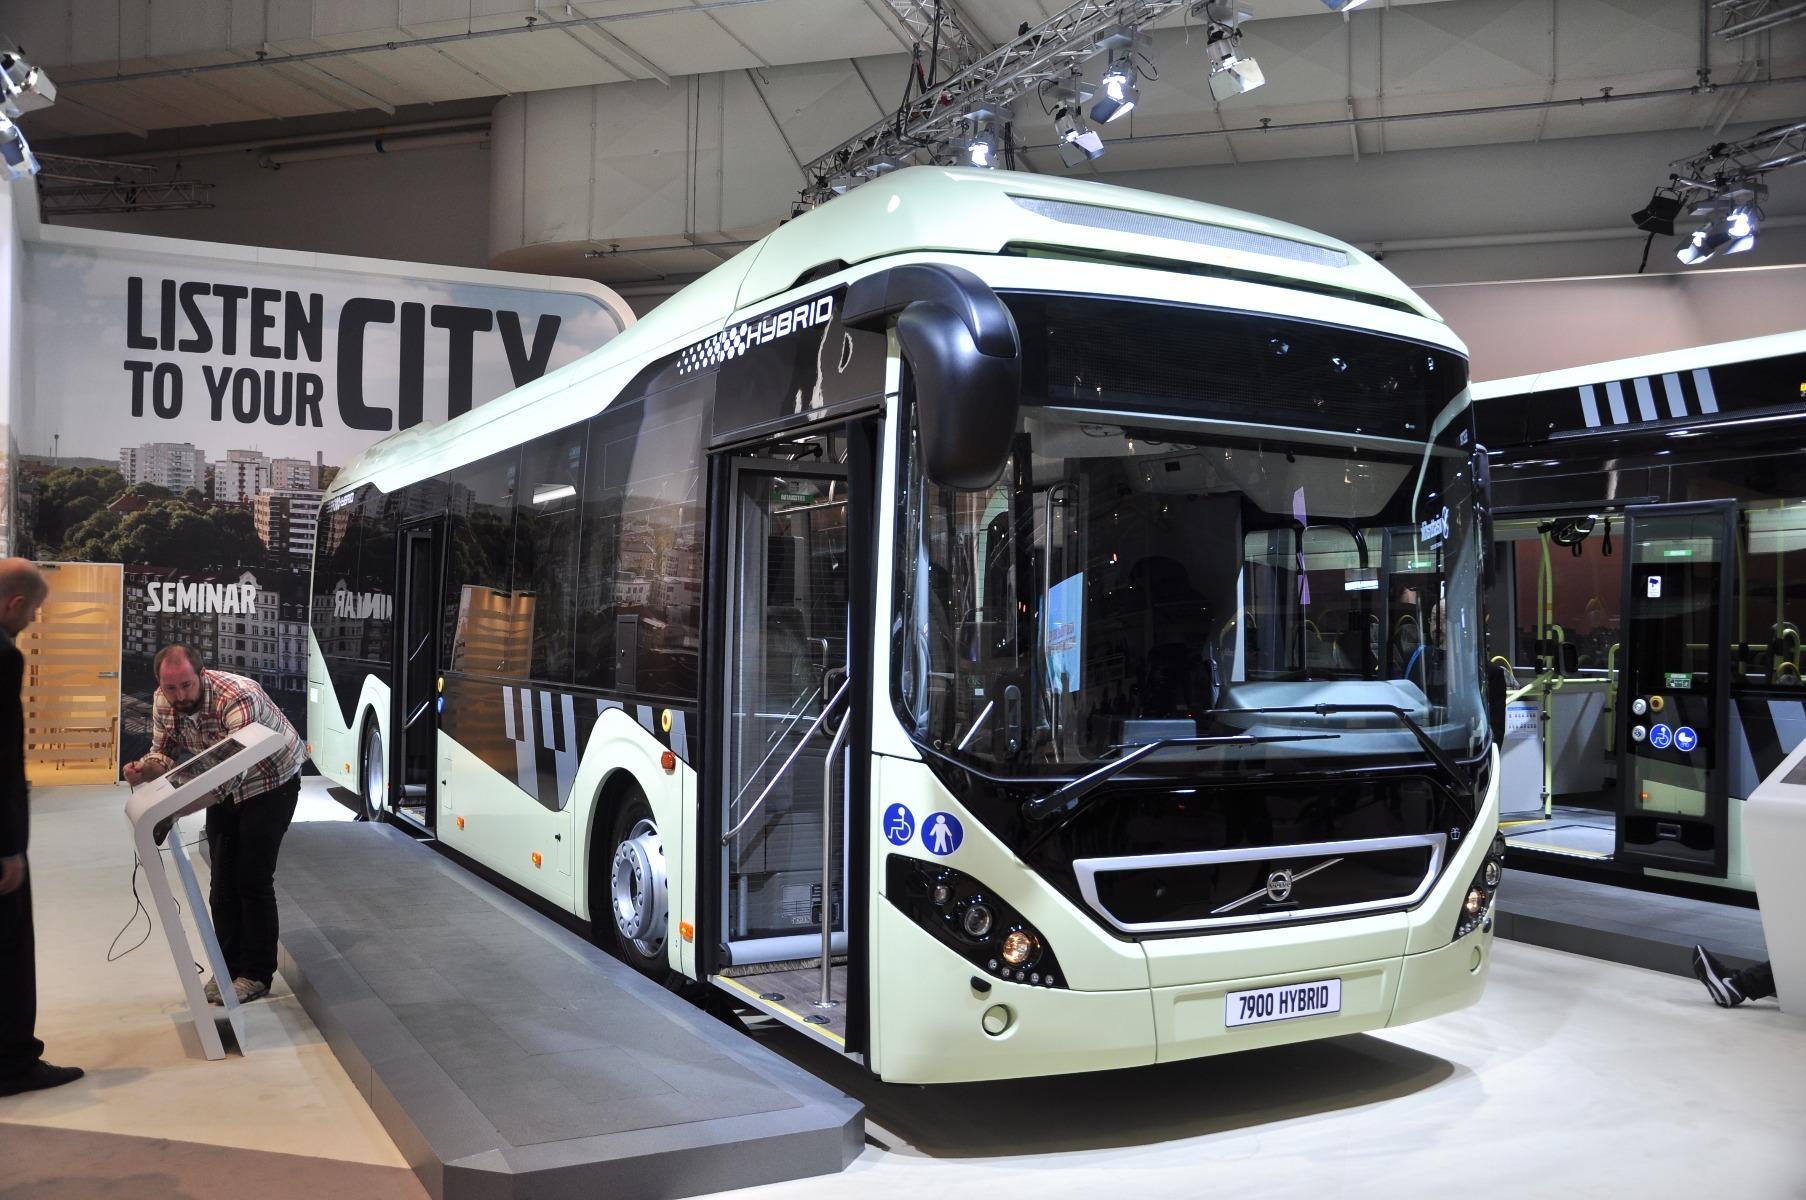 A Volvo 7900 Hybrid akár 39 százalékkal kevesebb tüzelőanyagot fogyaszt, mint egy hagyományos dízelüzemű busz